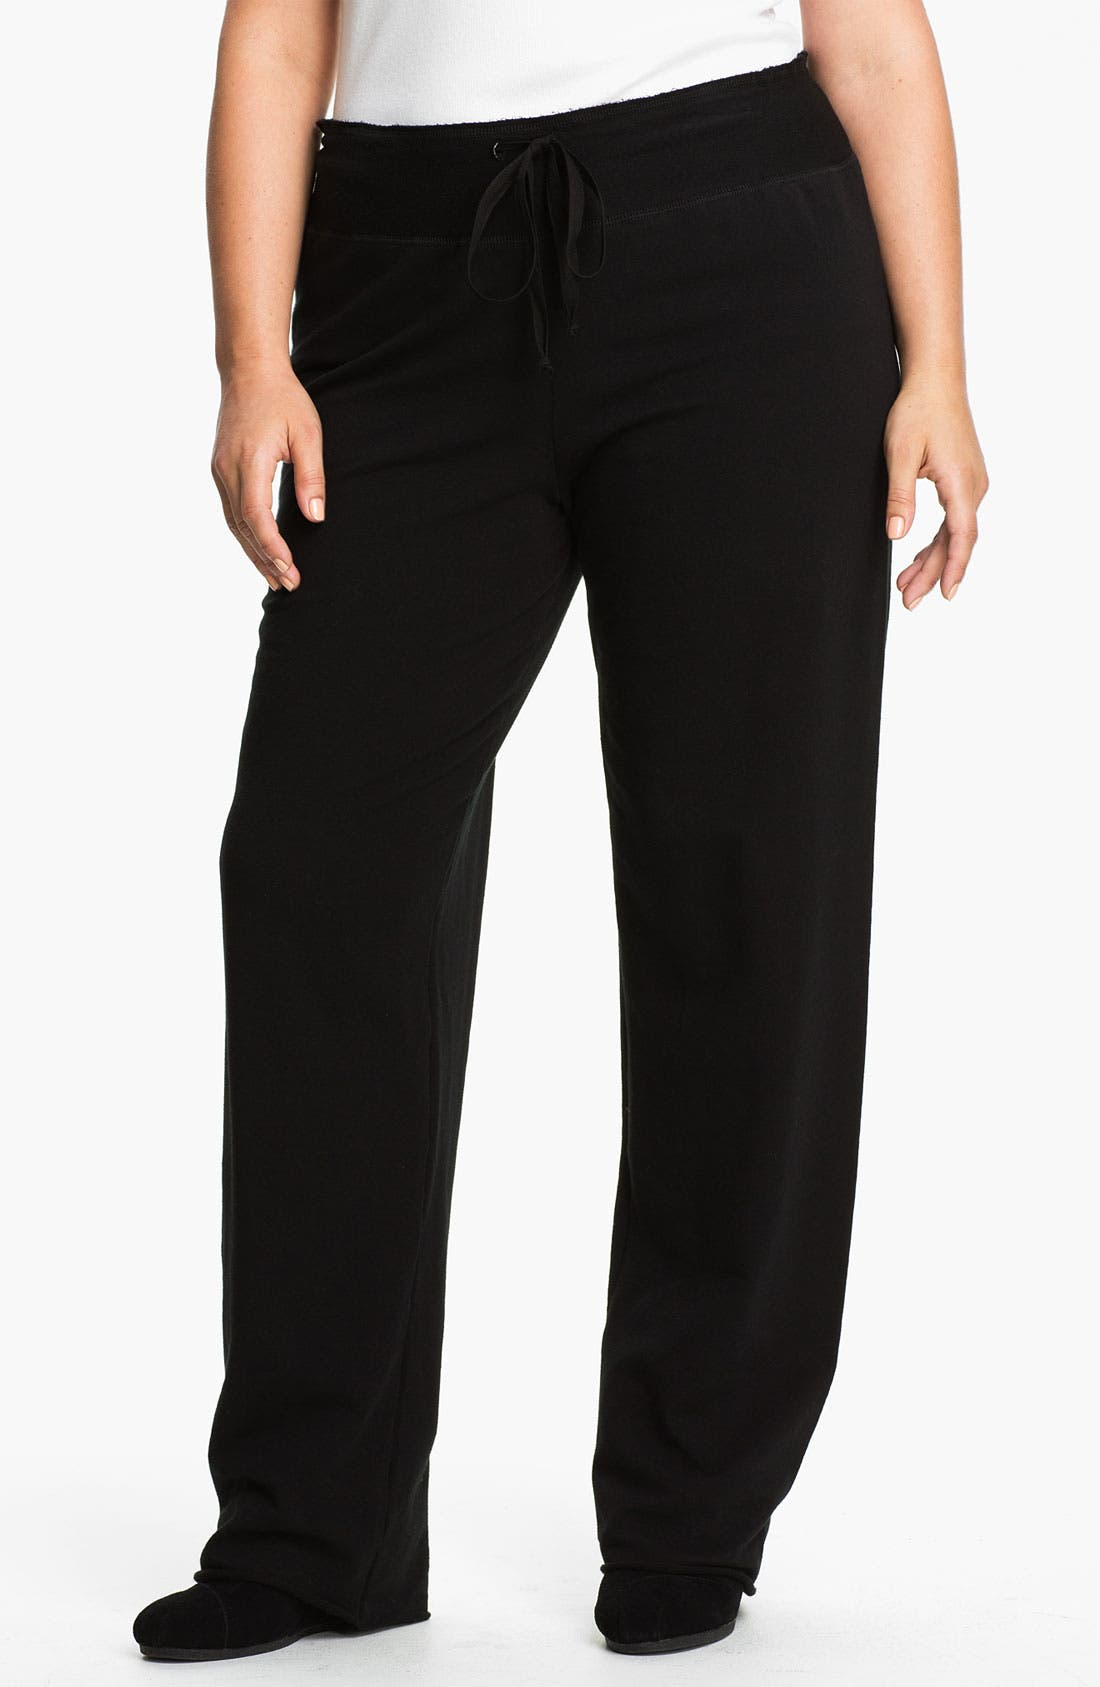 Alternate Image 1 Selected - Pink Lotus Drawstring Pants (Plus Size)